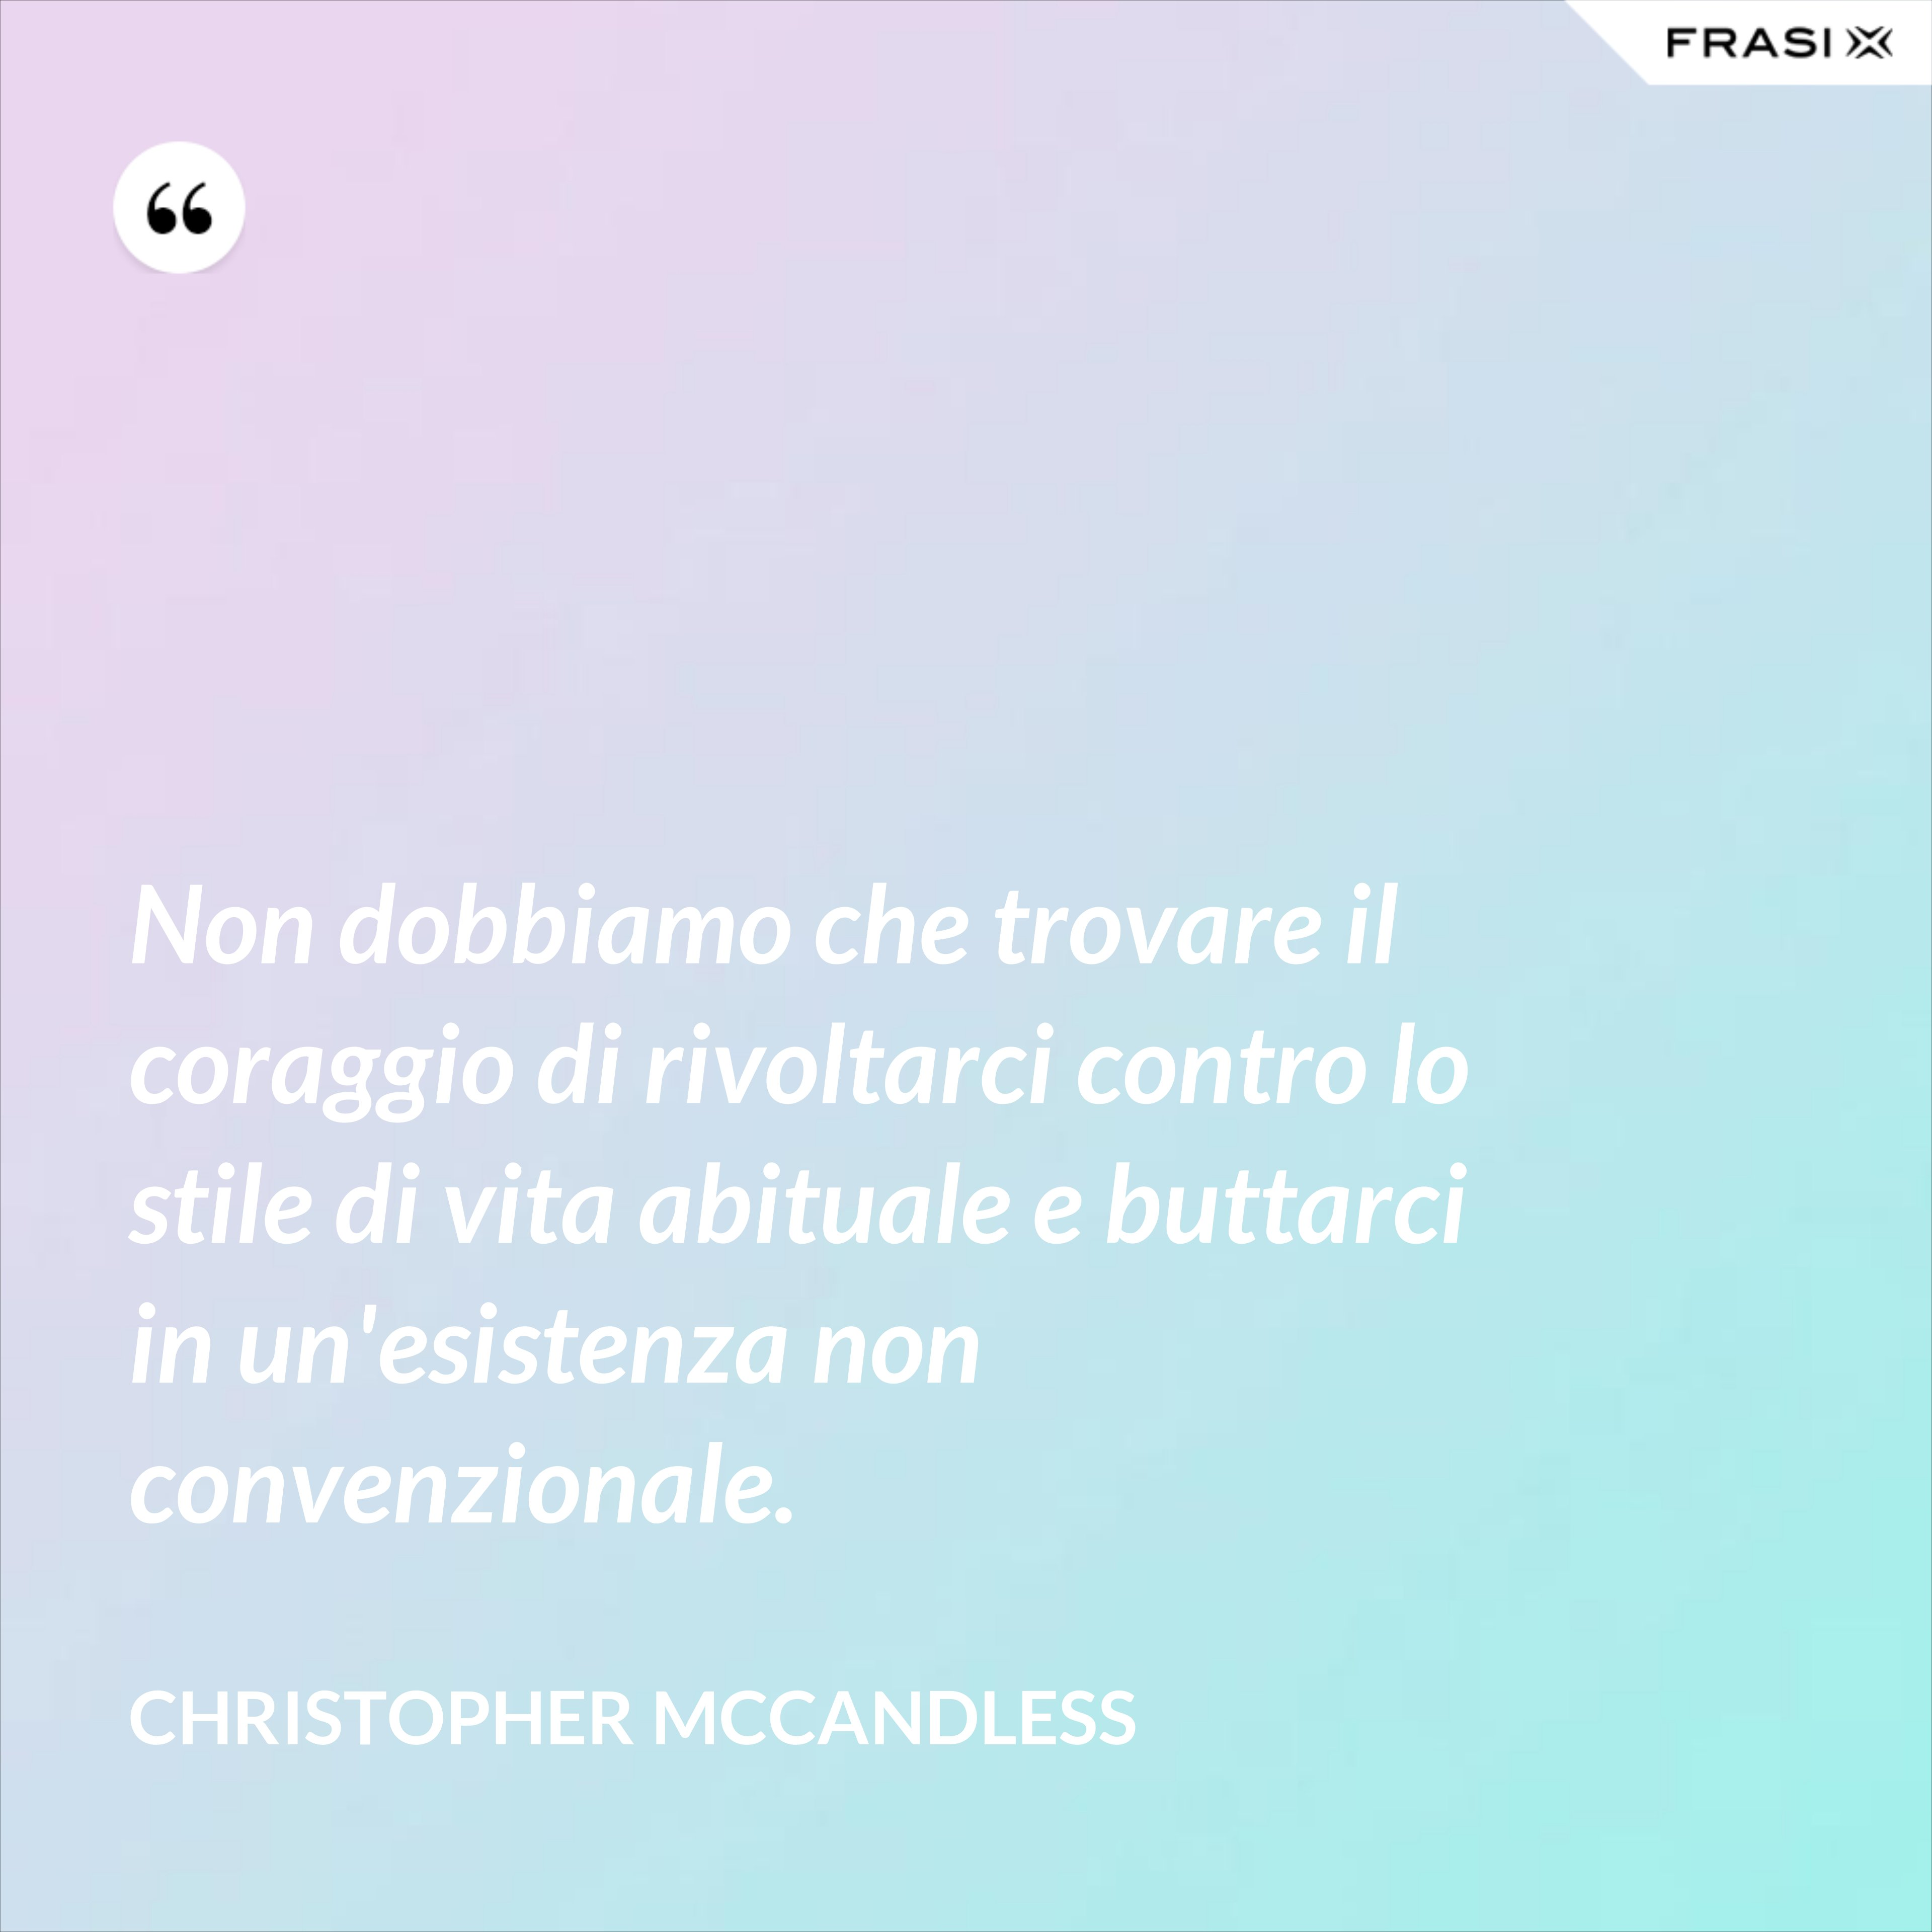 Non dobbiamo che trovare il coraggio di rivoltarci contro lo stile di vita abituale e buttarci in un'esistenza non convenzionale. - Christopher McCandless